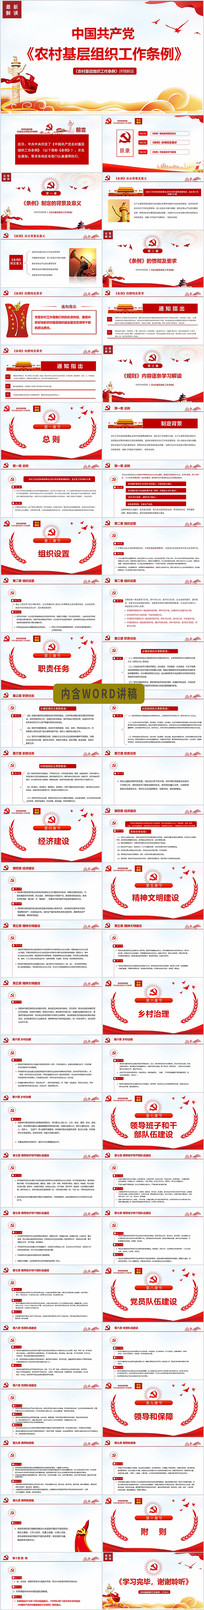 中国共产党农村基层组织工作条例解读ppt